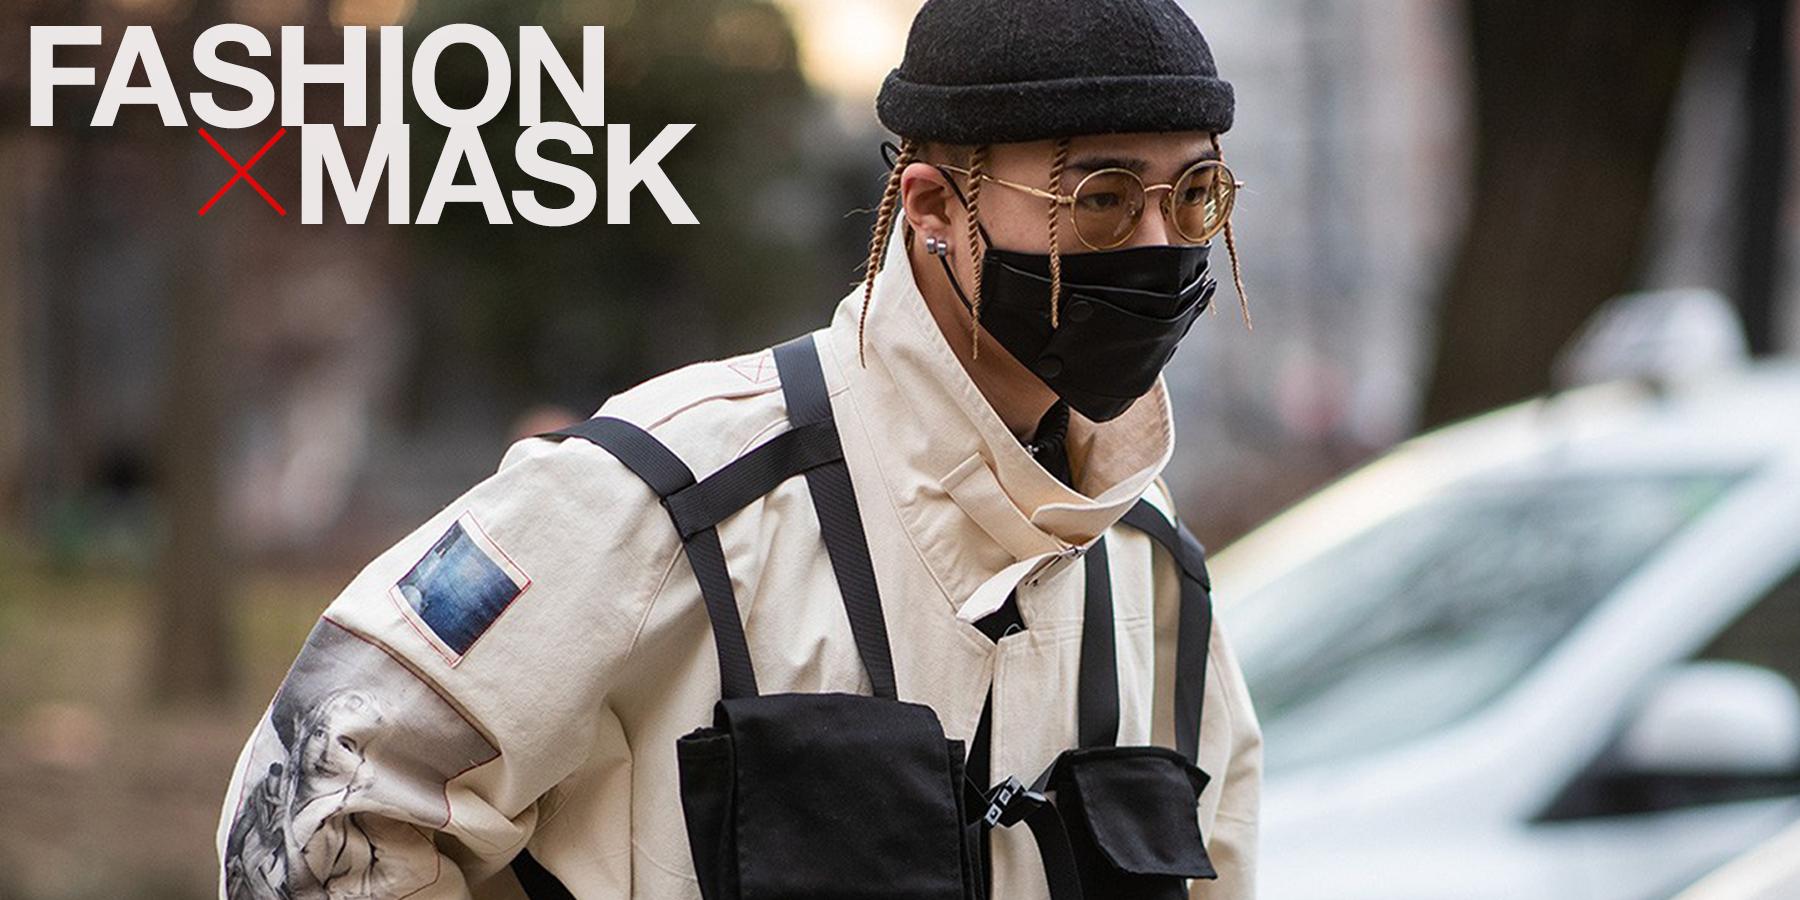 これからの定番!繰り返し洗えるファッションマスク(デザインマスク)とは?